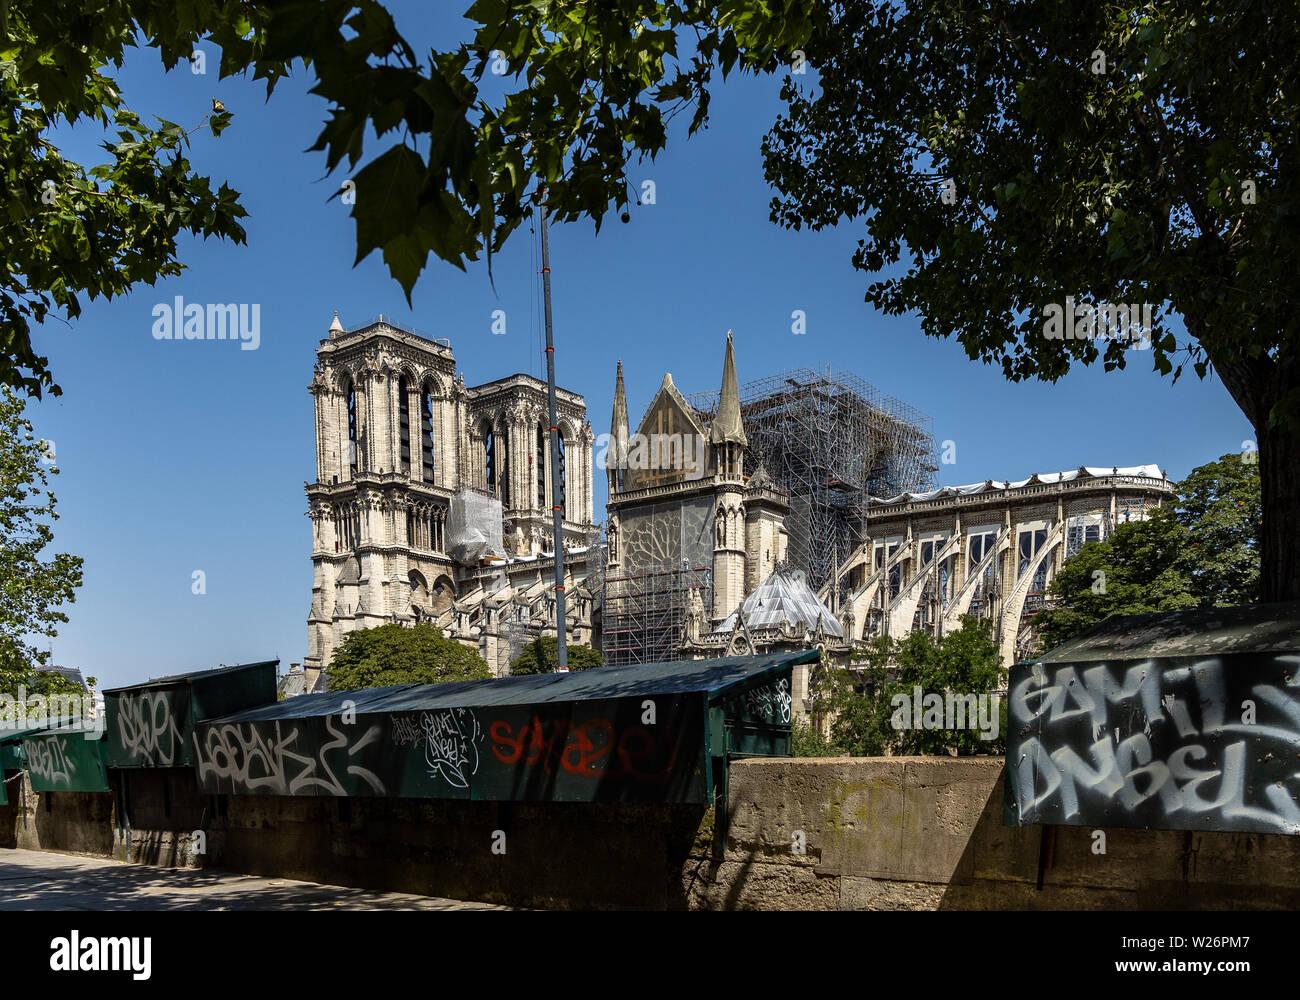 Paris, FRANCE - June 27, 2019: Cath drale Notre-Dame de Paris construction and refurbishment rebuild work ongoing after 2019 fire Stock Photo